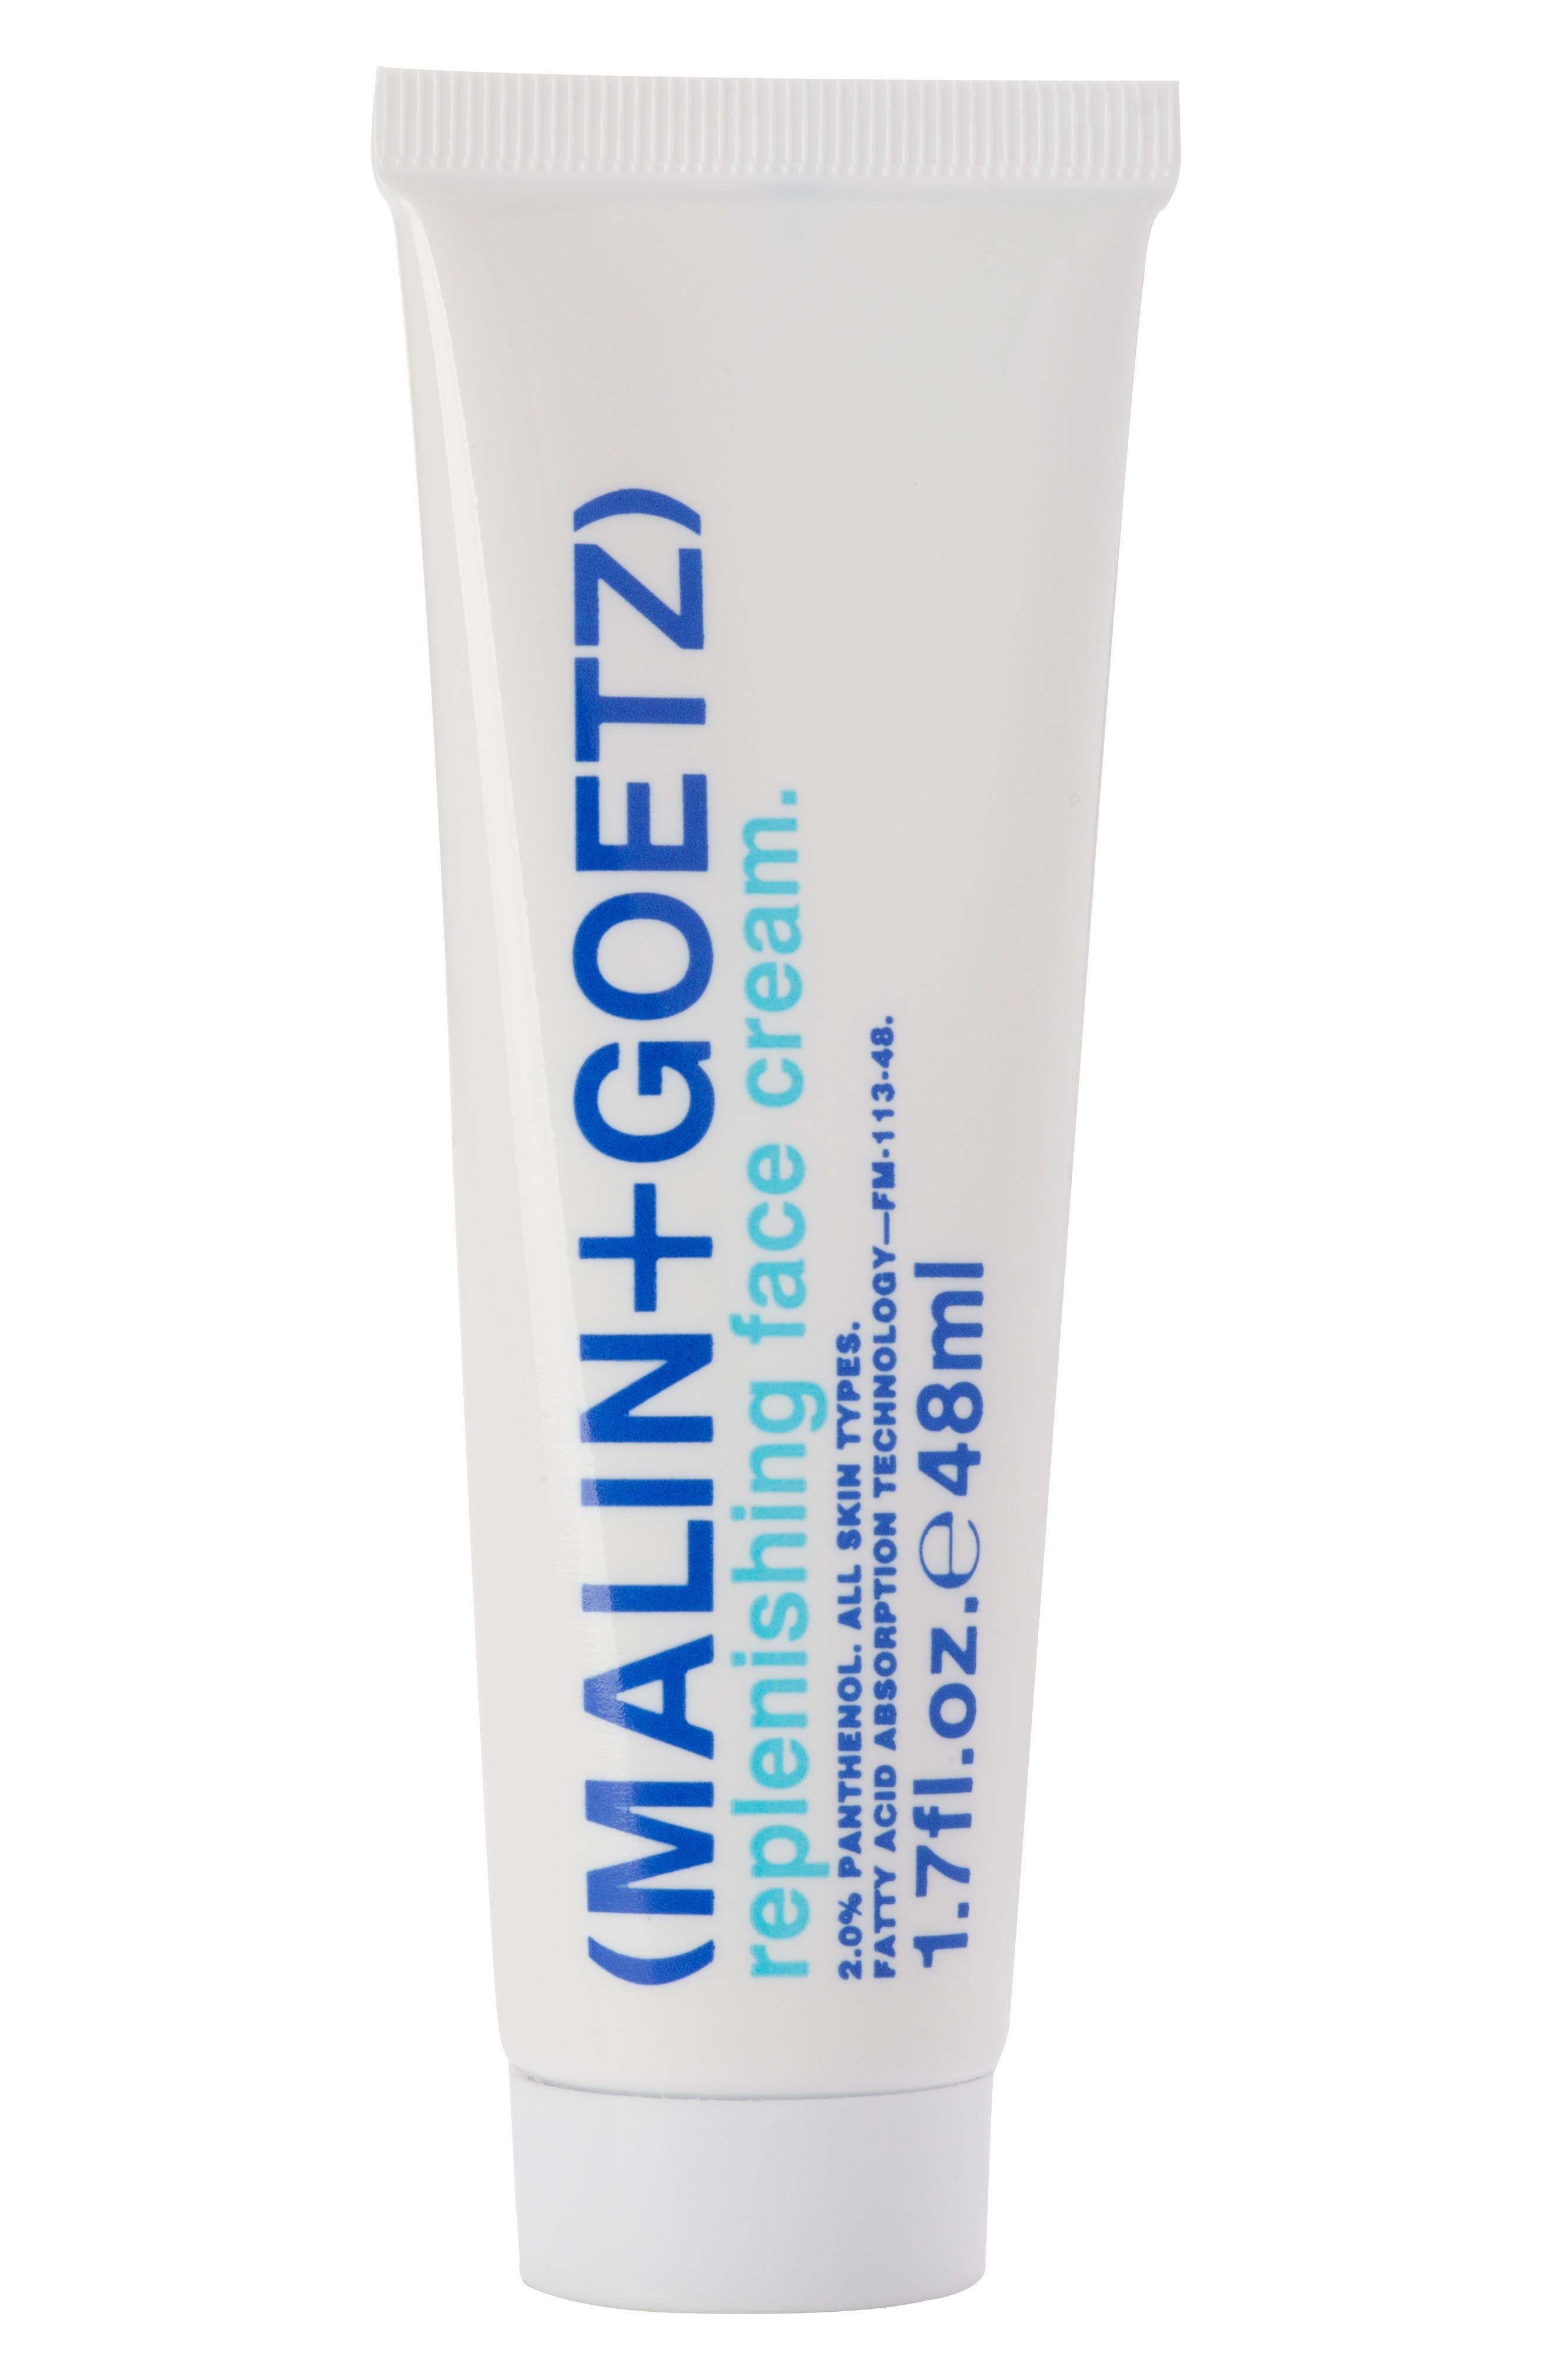 Replenishing Face Cream,                             Main thumbnail 1, color,                             960